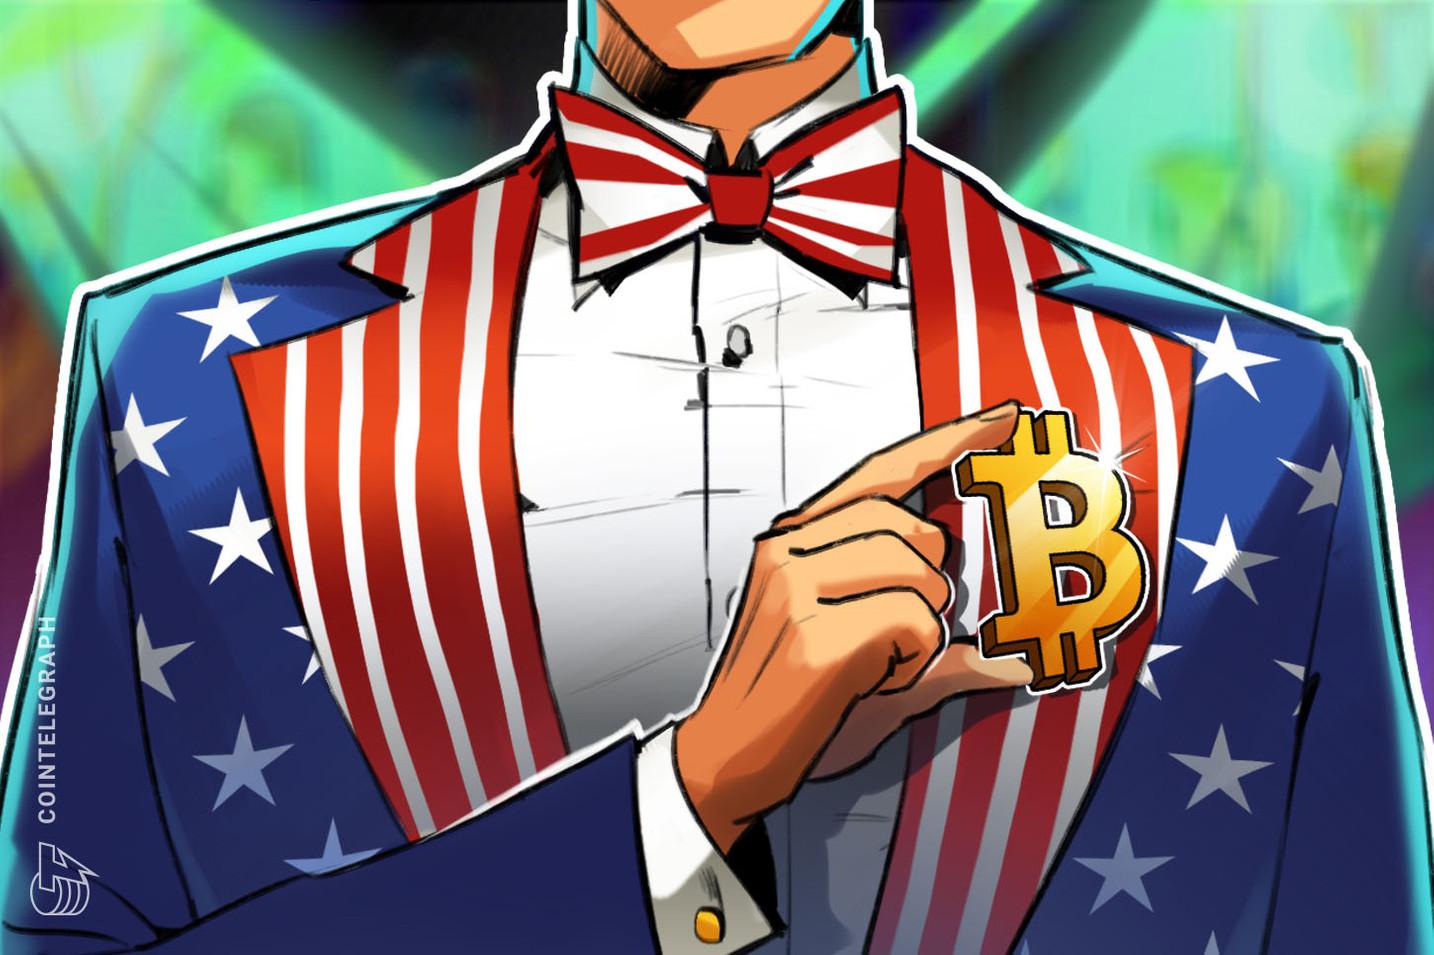 「米国よ、アメリカの仮想通貨イノベーションを止めるな」=元米議会議員| 「SECは不明瞭」と批判